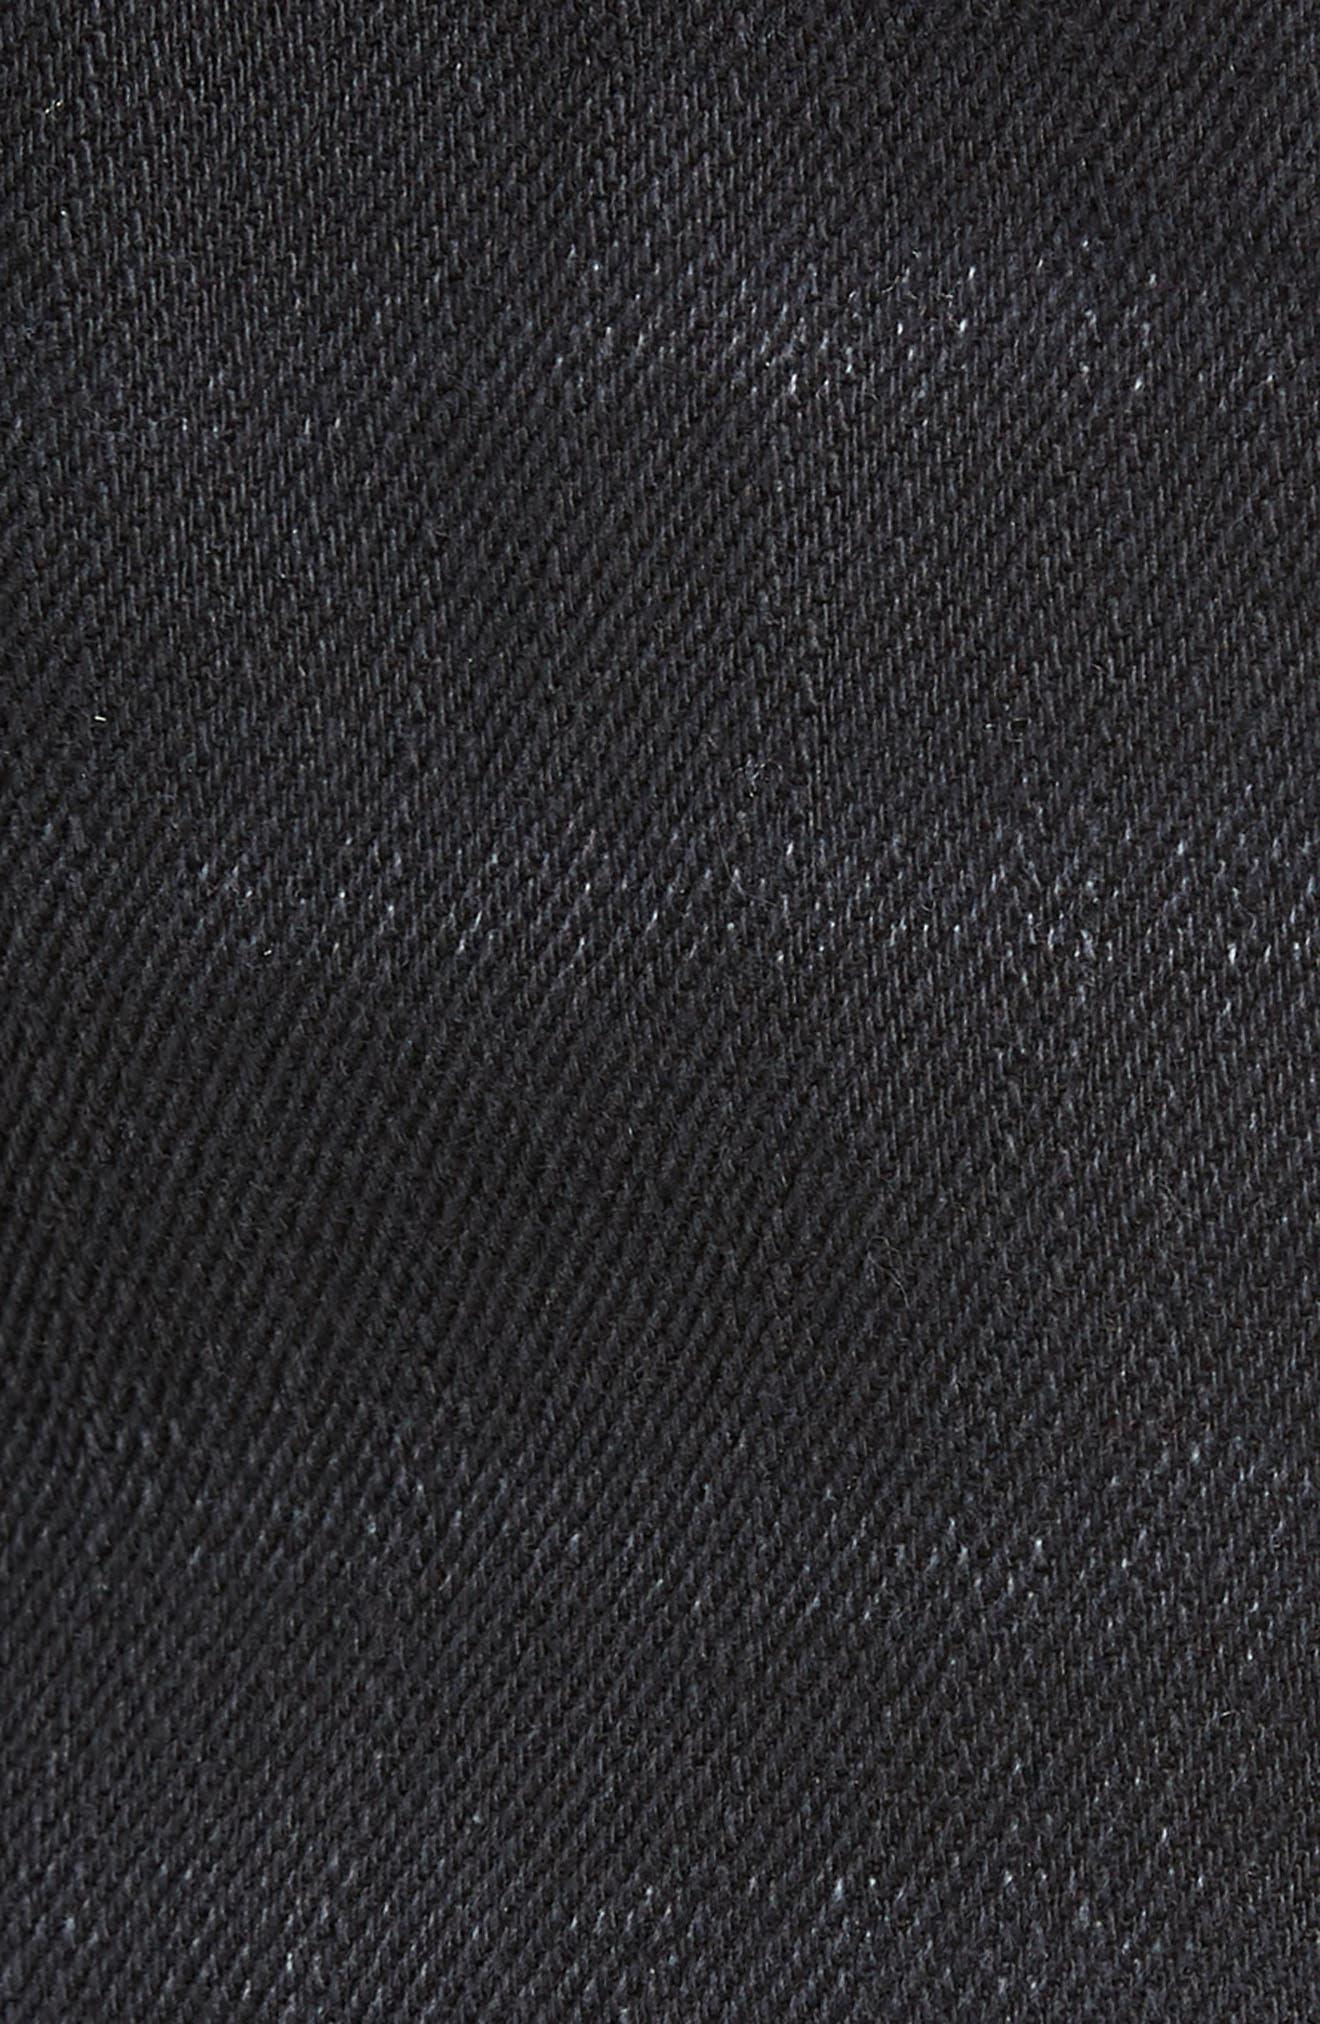 Fray Hem Denim Shorts,                             Alternate thumbnail 6, color,                             Black